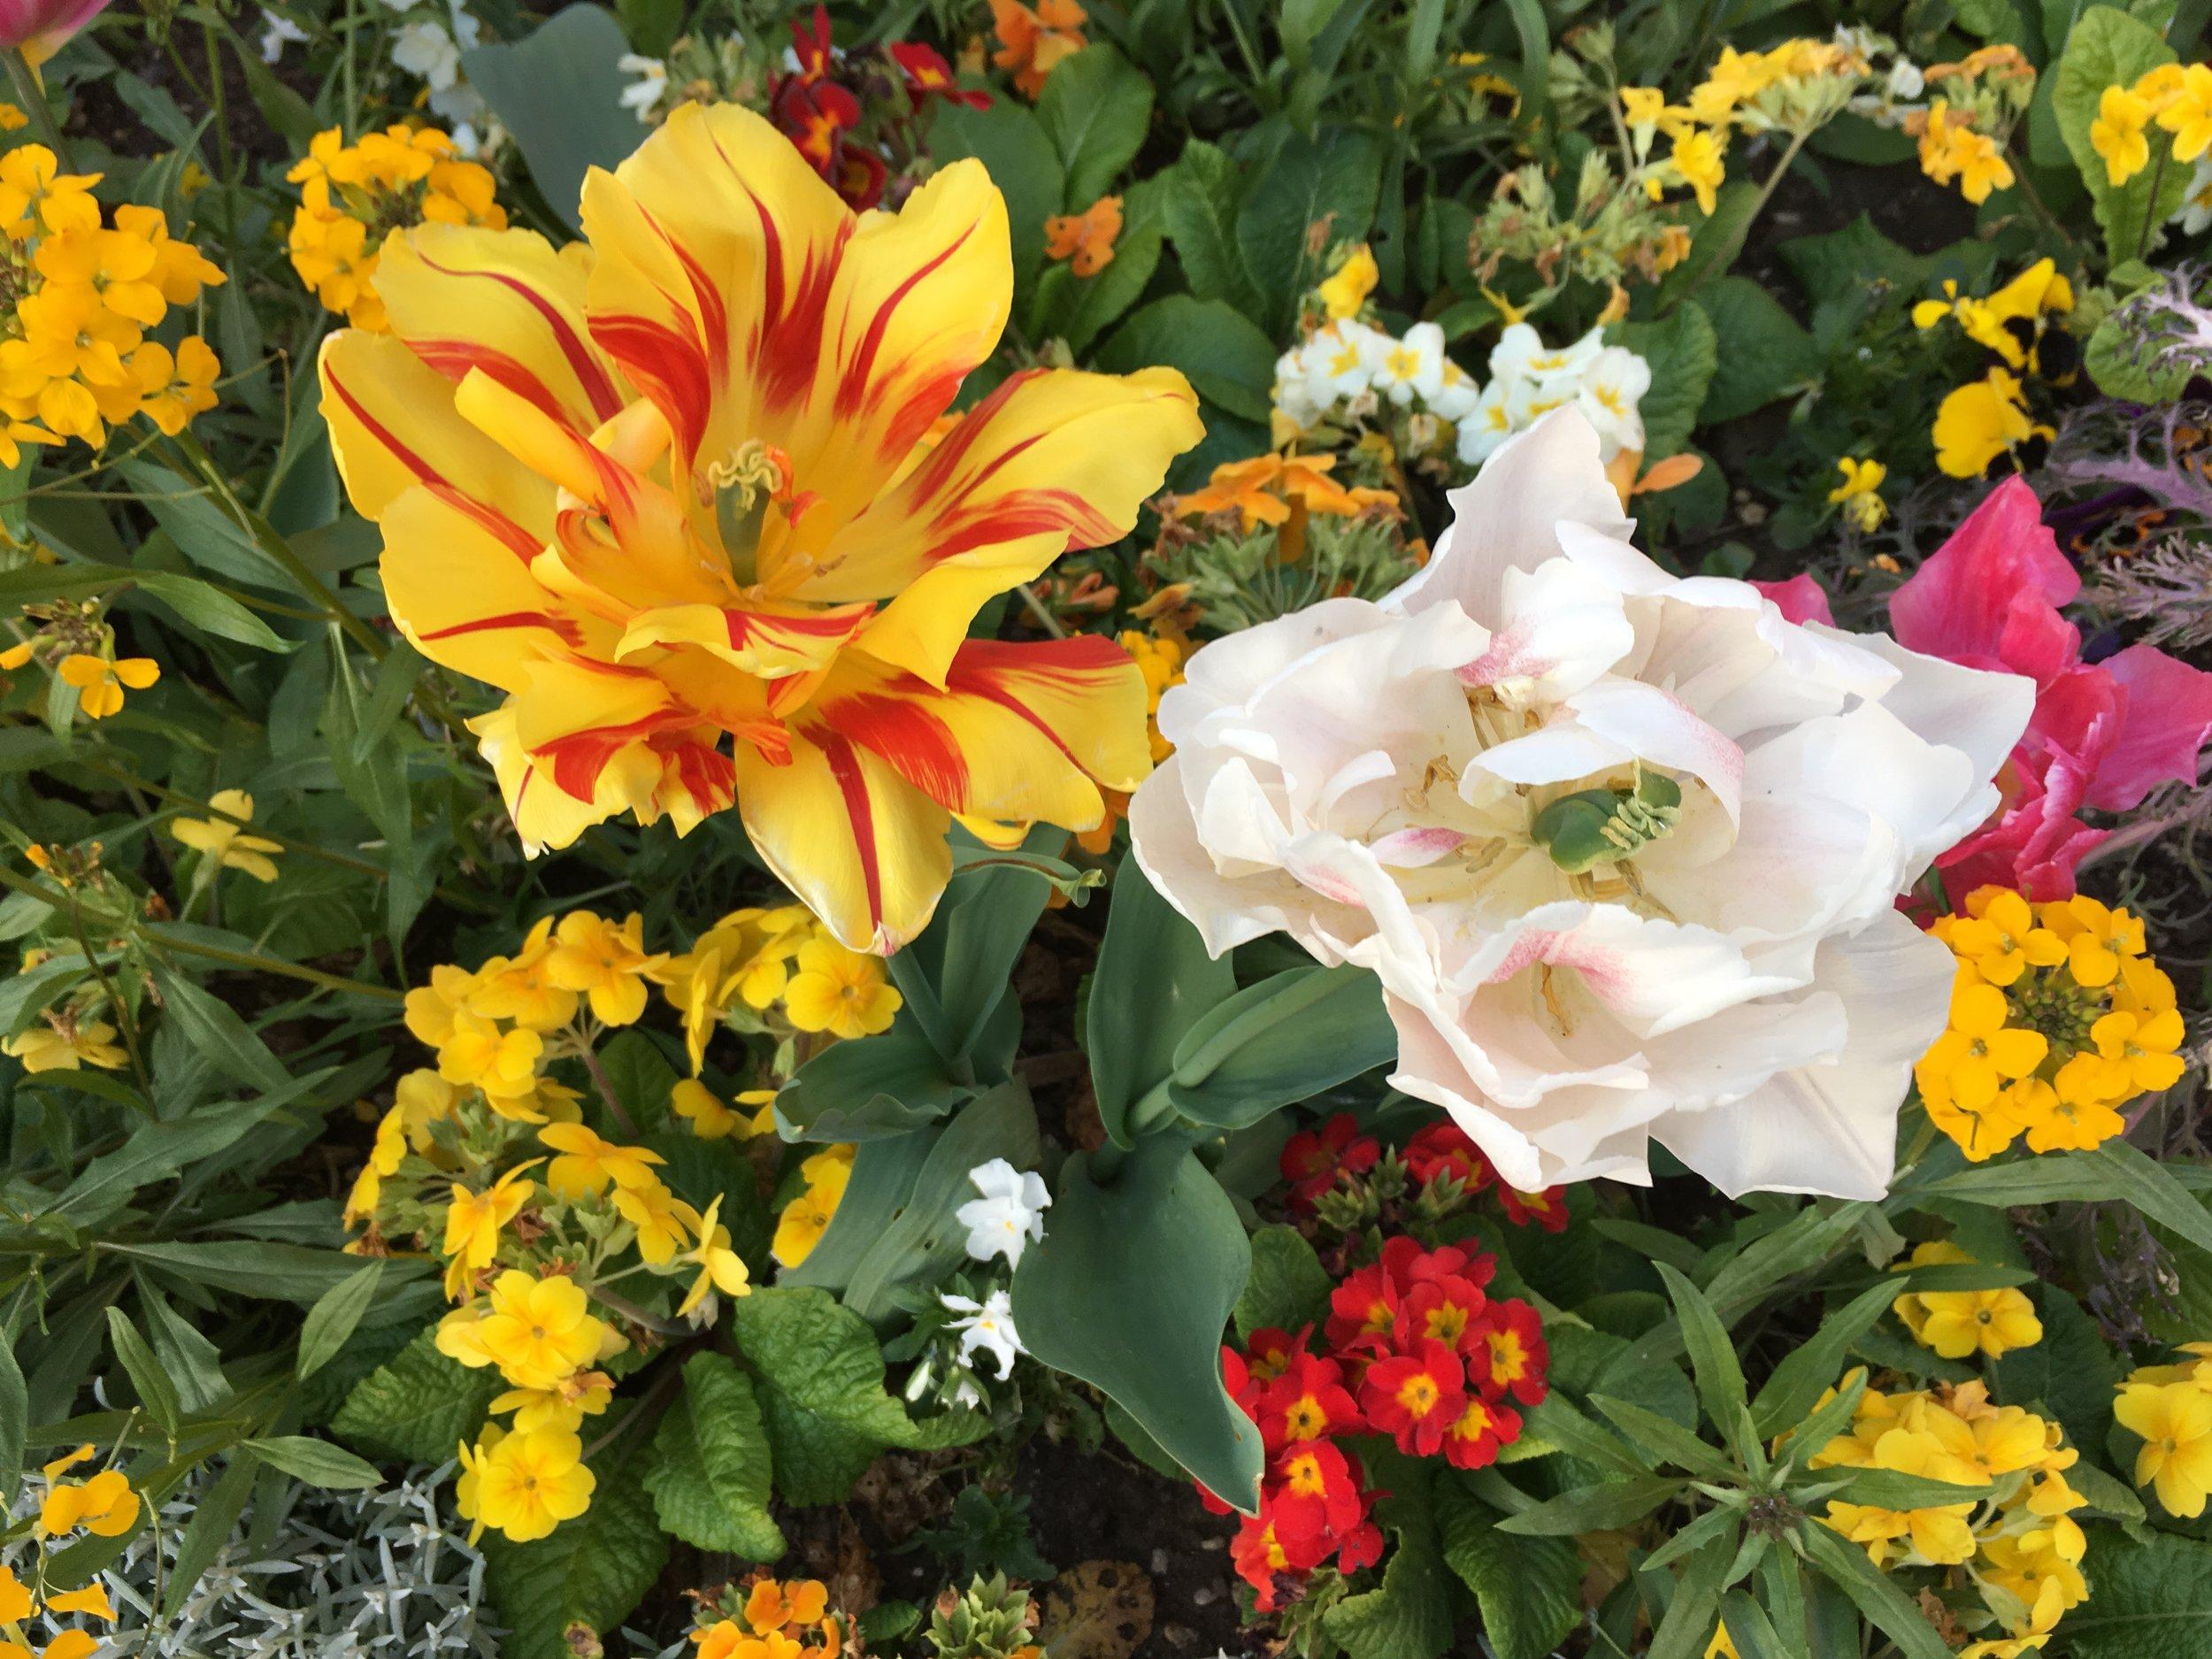 flowers-mortality-paris